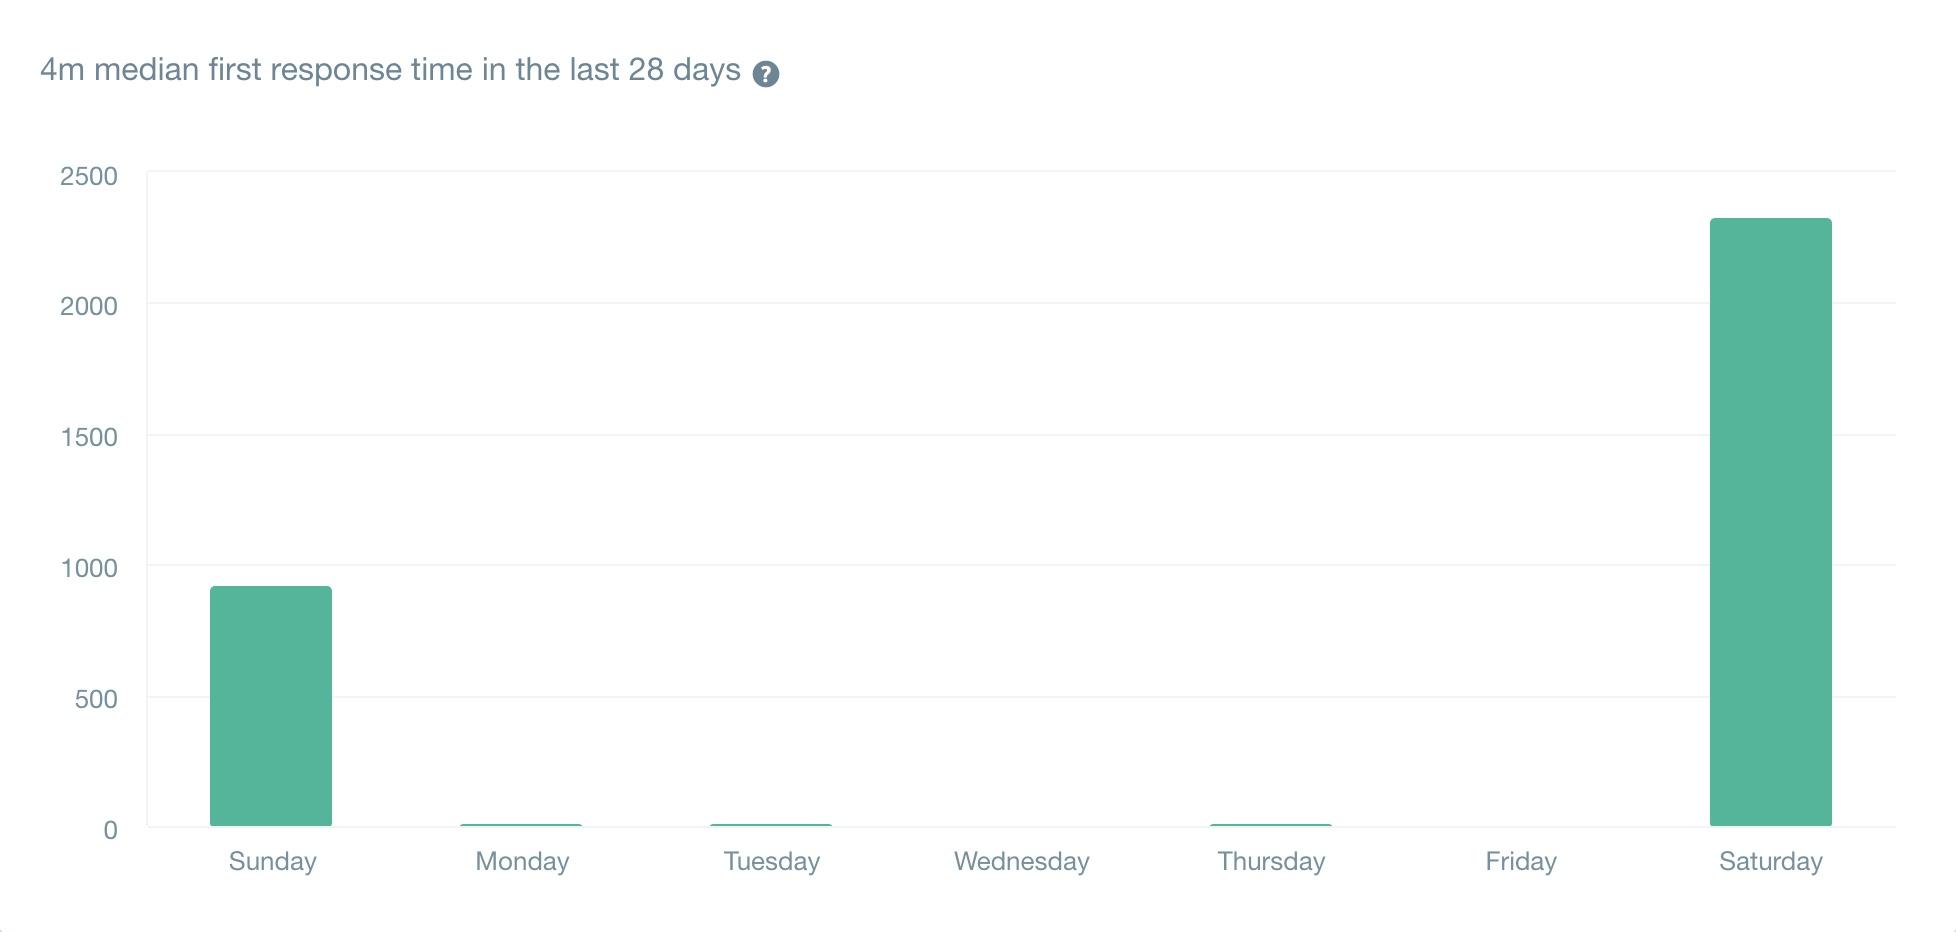 直近28日の初回回答時間の中央値は「4分」